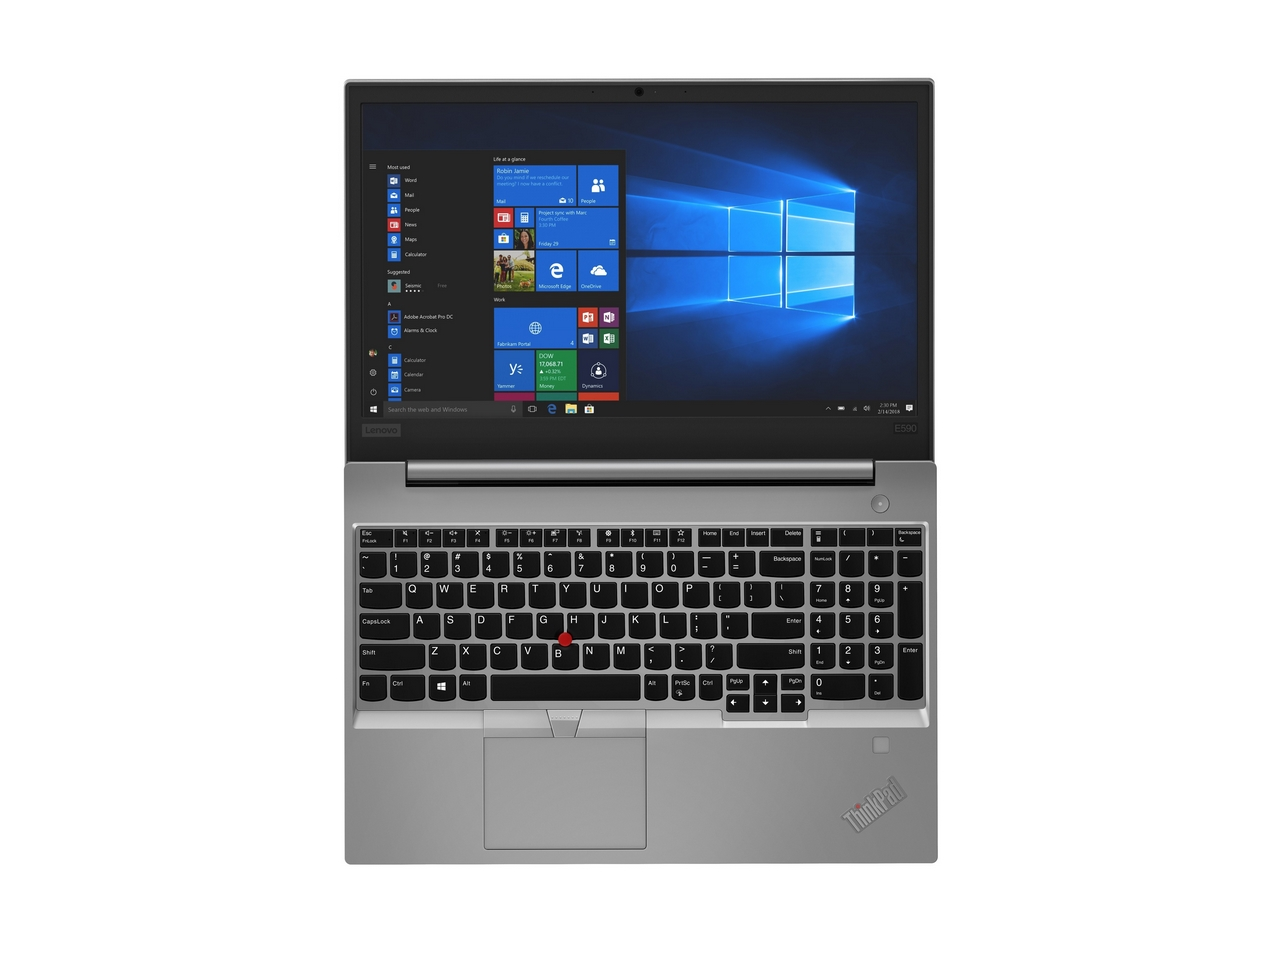 Lenovo tung bộ ba ThinkPad E series tại VN: laptop cho doanh nghiệp vừa và nhỏ với nhiều tính năng bảo mật, giá từ 16,49 triệu đồng